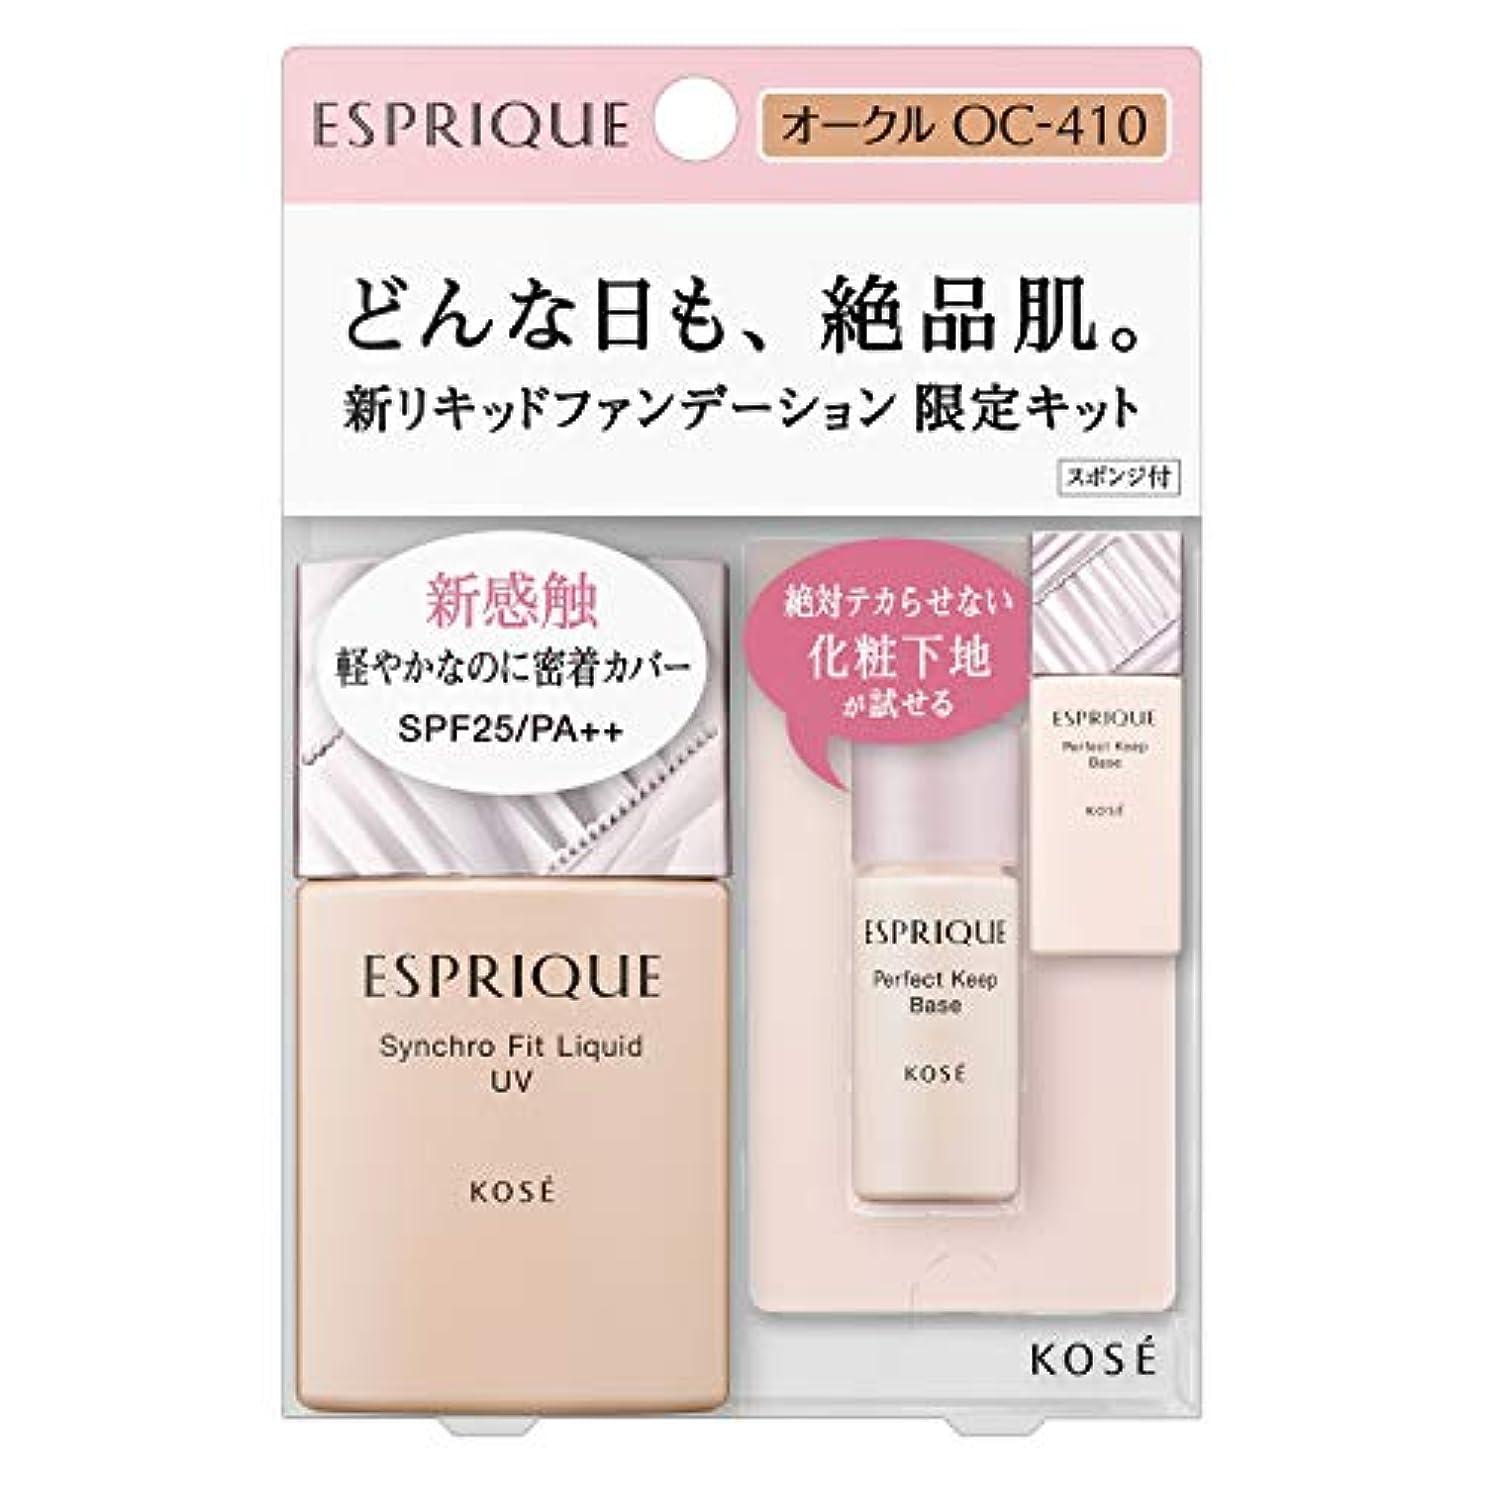 競争力のある消える証明するESPRIQUE(エスプリーク) エスプリーク シンクロフィット リキッド UV 限定キット ファンデーション 無香料 OC-410 オークル セット 1セット